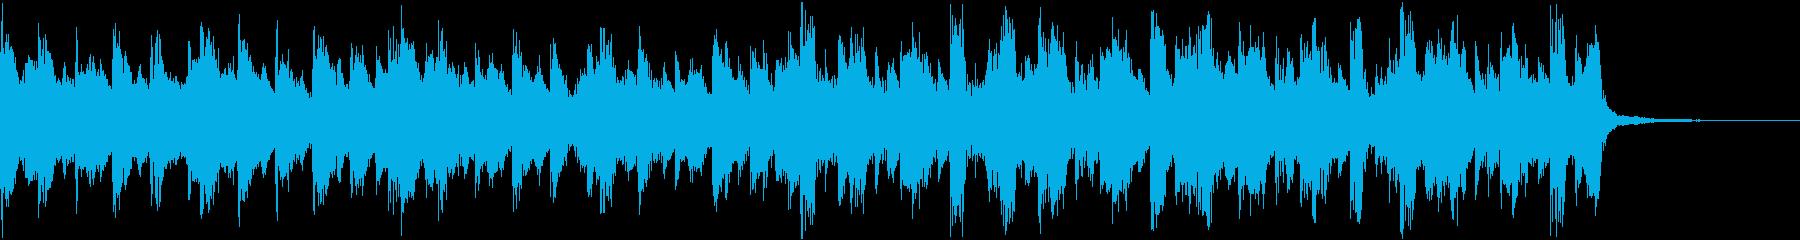 きらきらピアノ企業VPコーポレートeの再生済みの波形